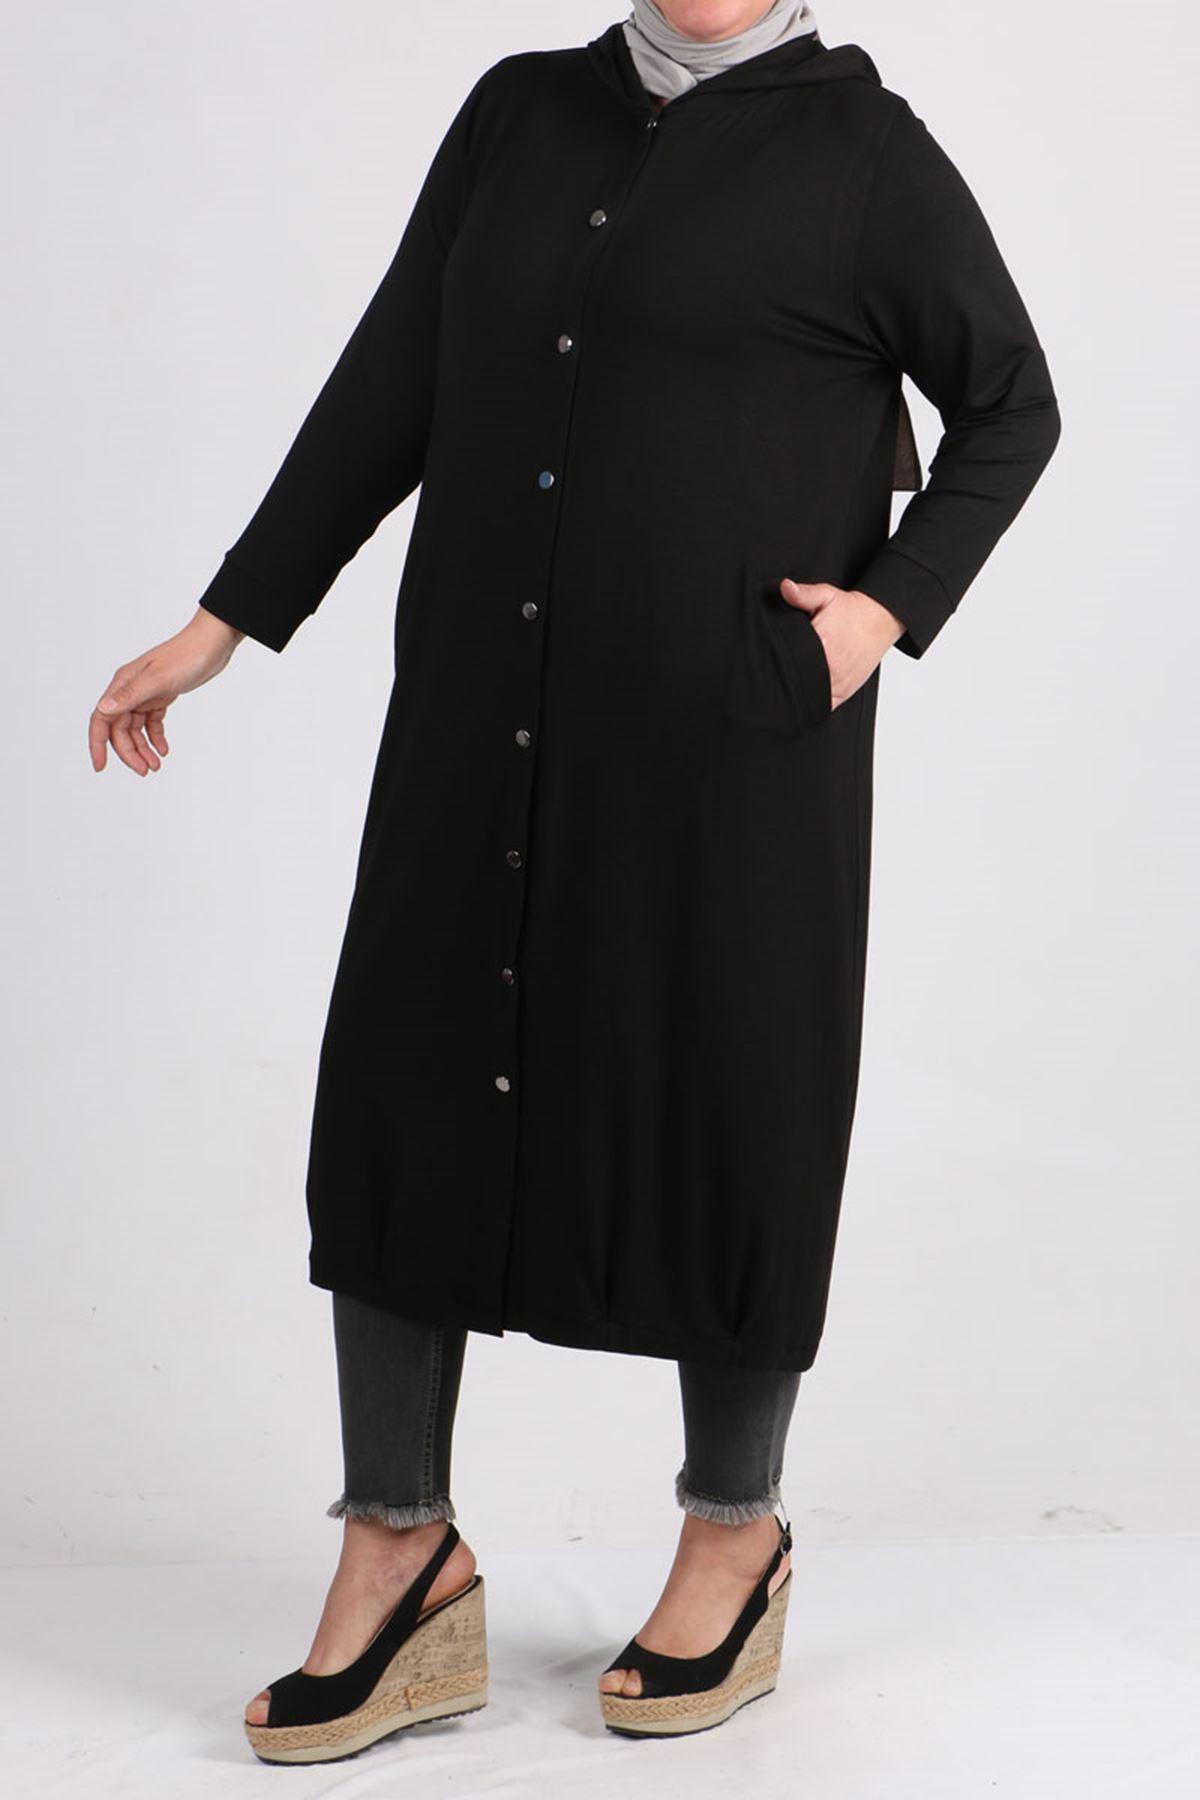 3152 Büyük Beden Çıtçıtlı Penye Ceket - Siyah